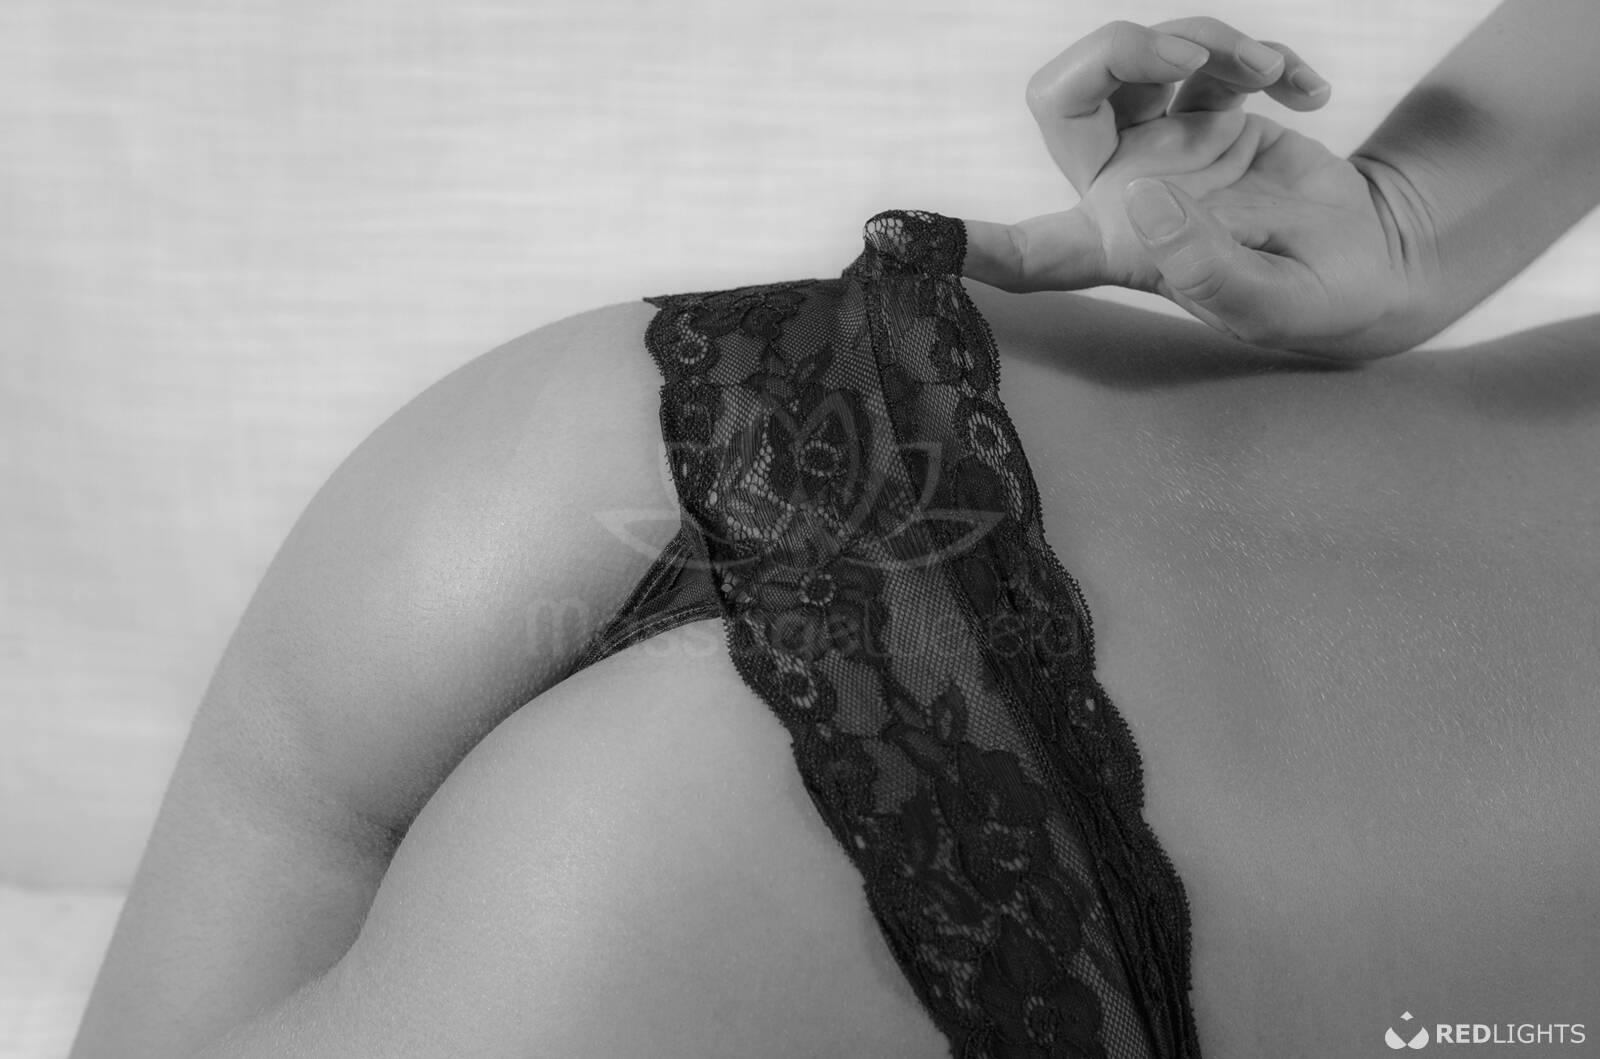 geil stel zoekt sex massage noord holland